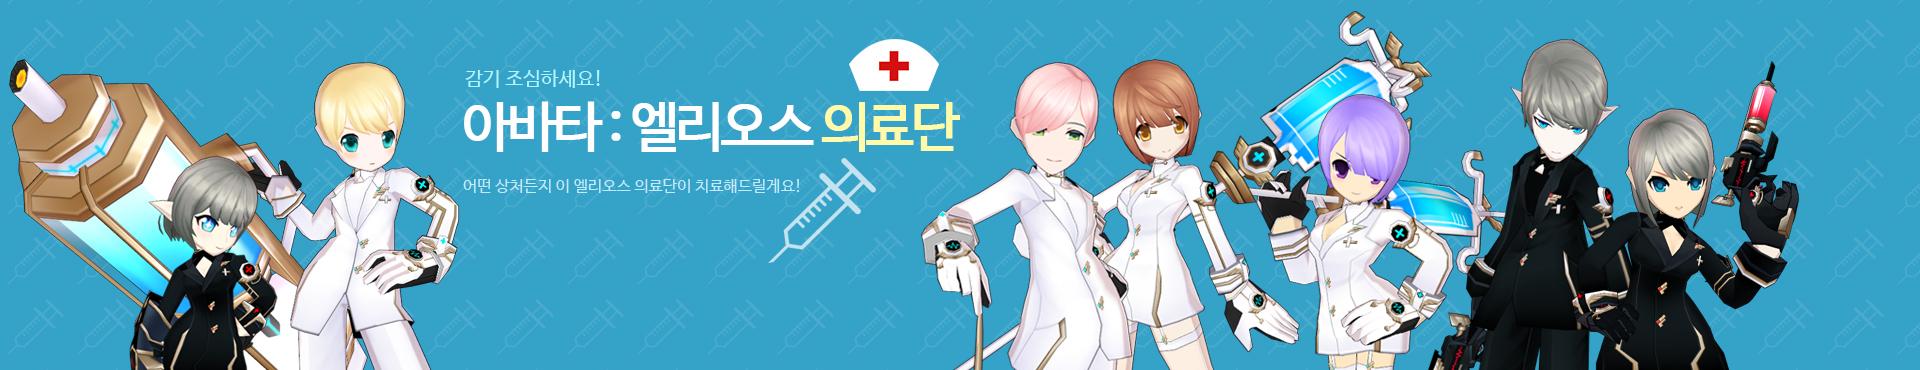 엘리오스 의료단